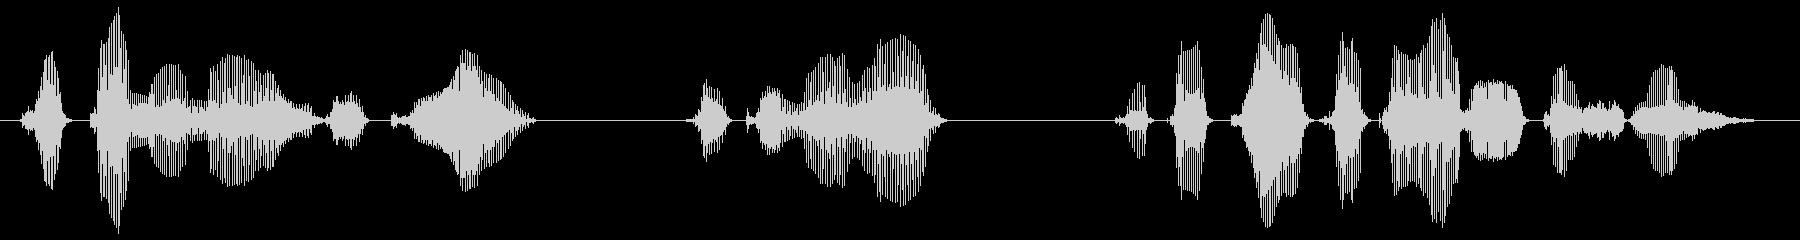 (シリアス)許可のない録音、録画は固く…の未再生の波形